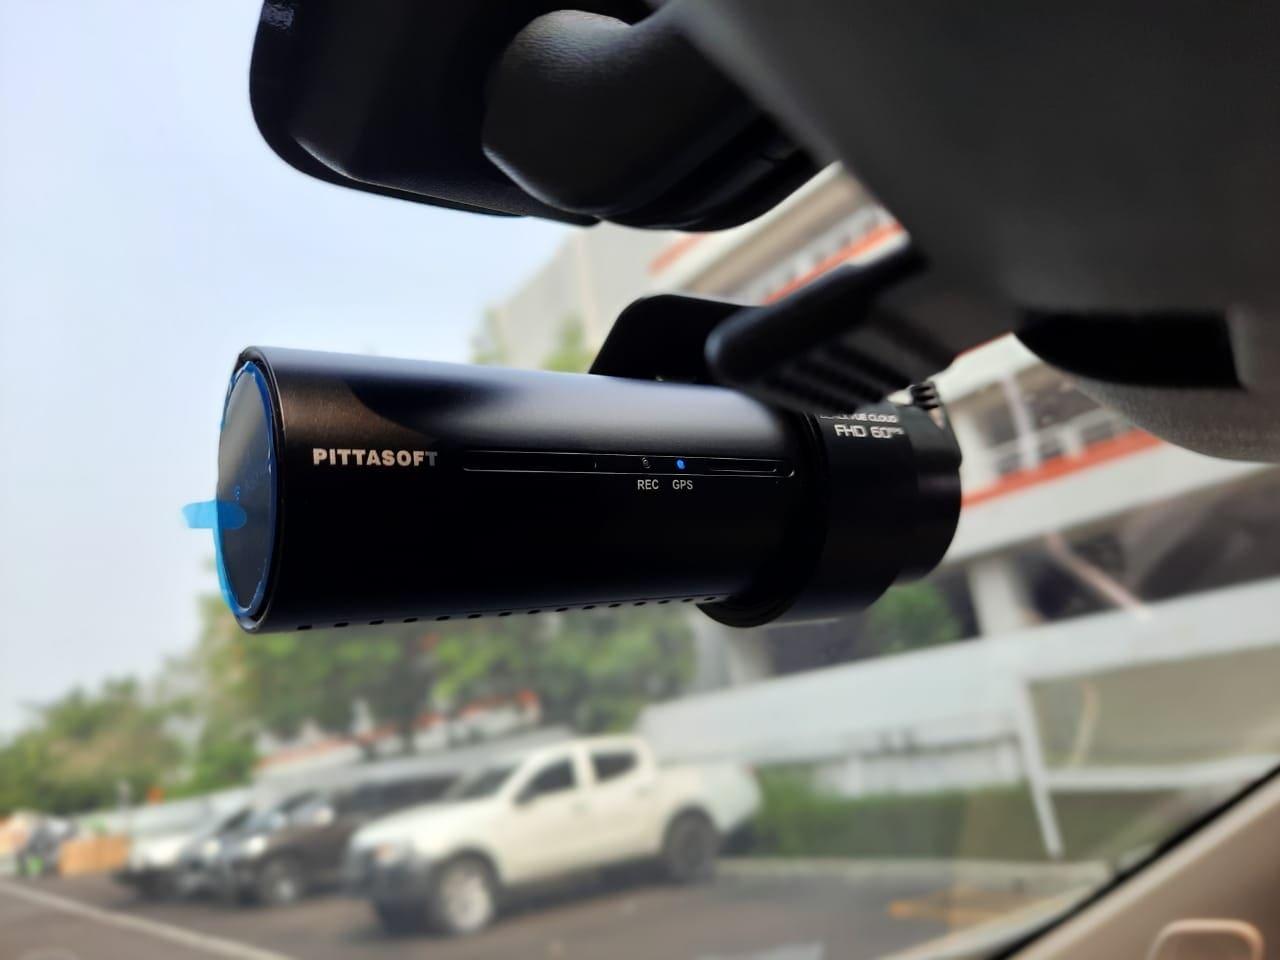 Pentingnya Dashboard Camera di Mobil Sebagai Peranti Keamanan